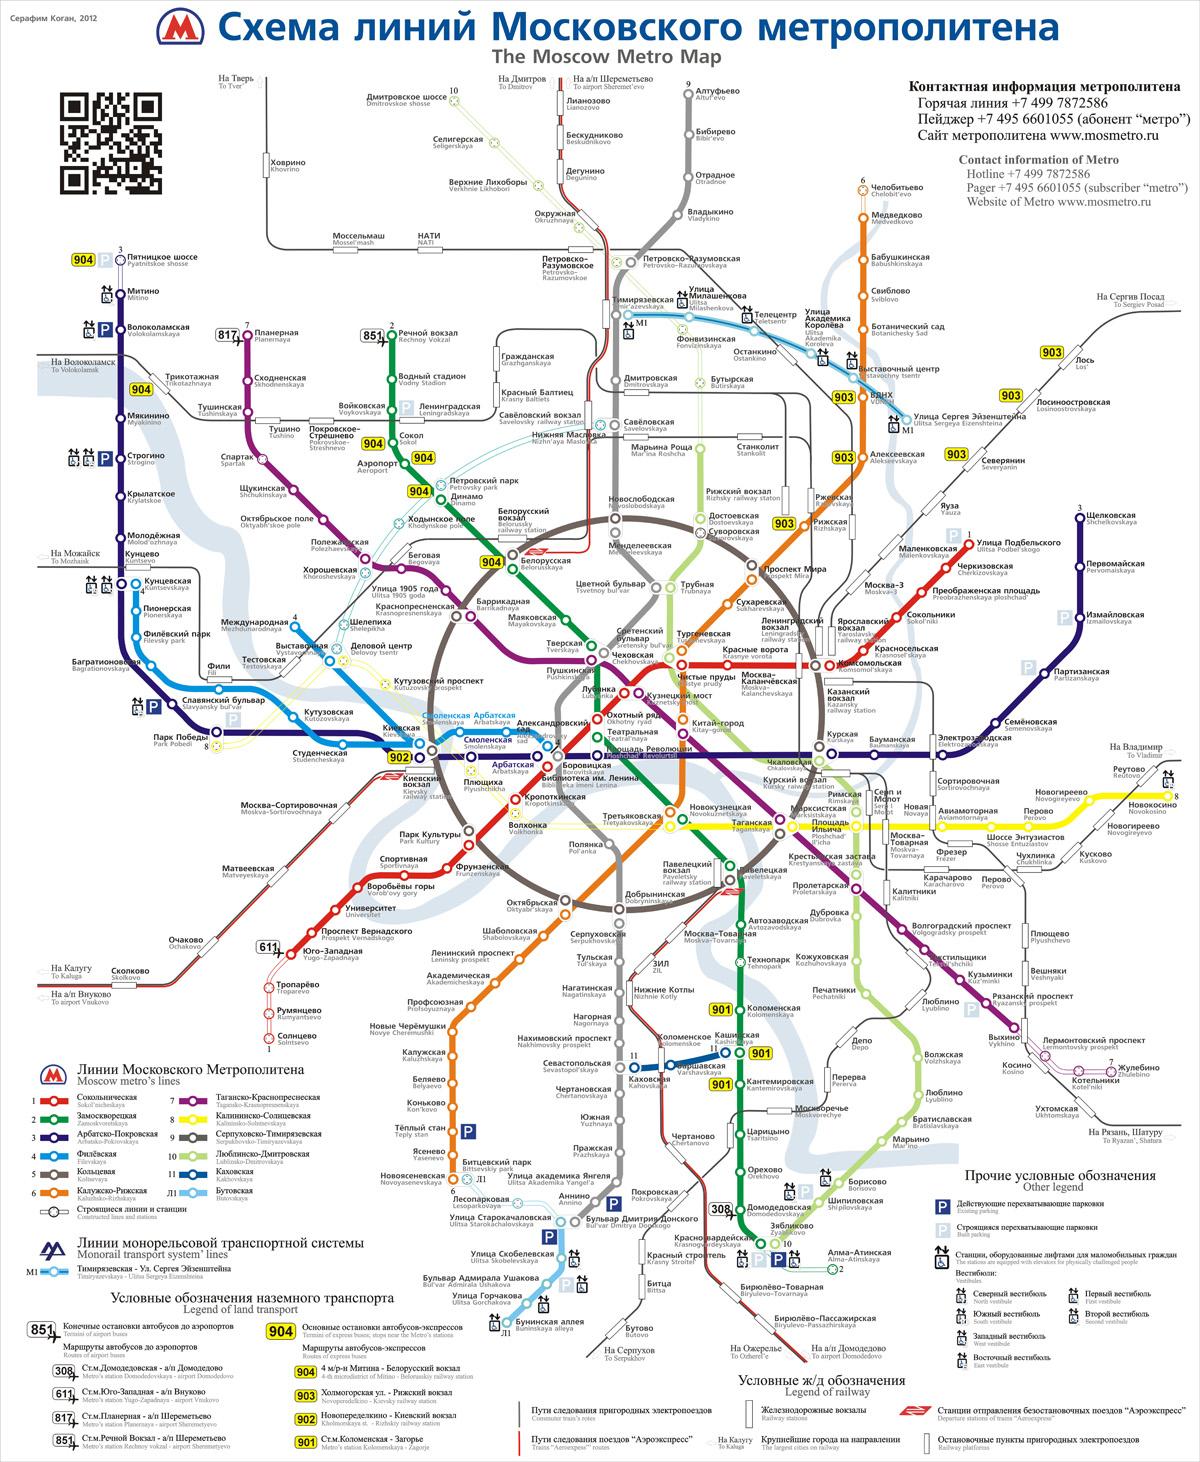 Картинки из схемы московского метрополитена